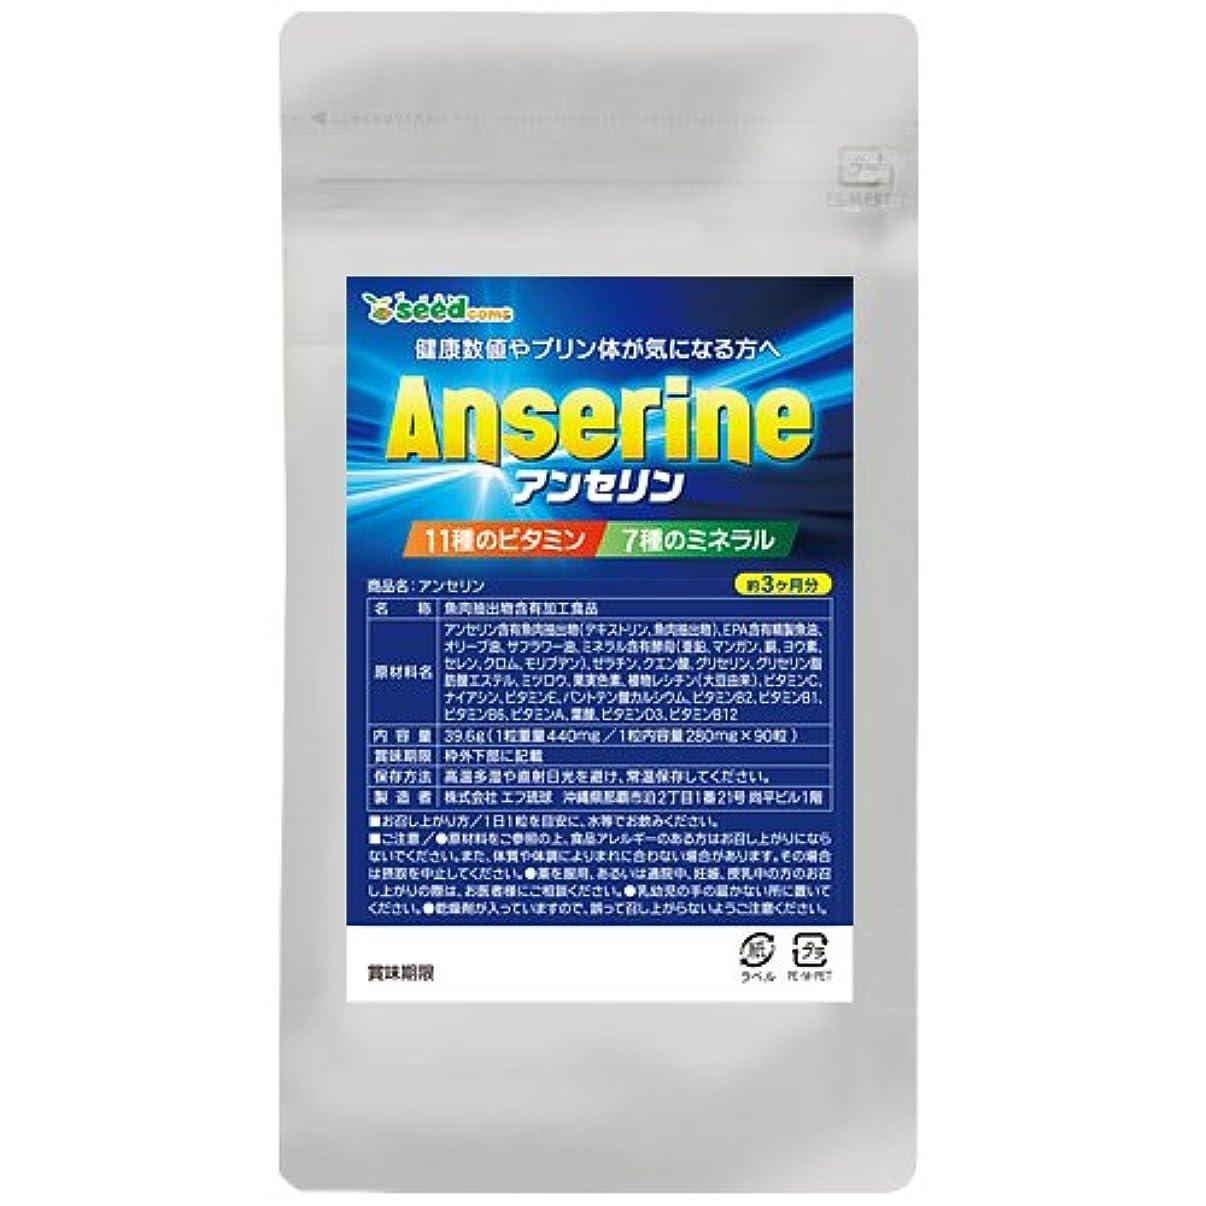 小数色合い発表するアンセリン (約3ヶ月分/90粒) 11種類のビタミン&7種類のミネラル